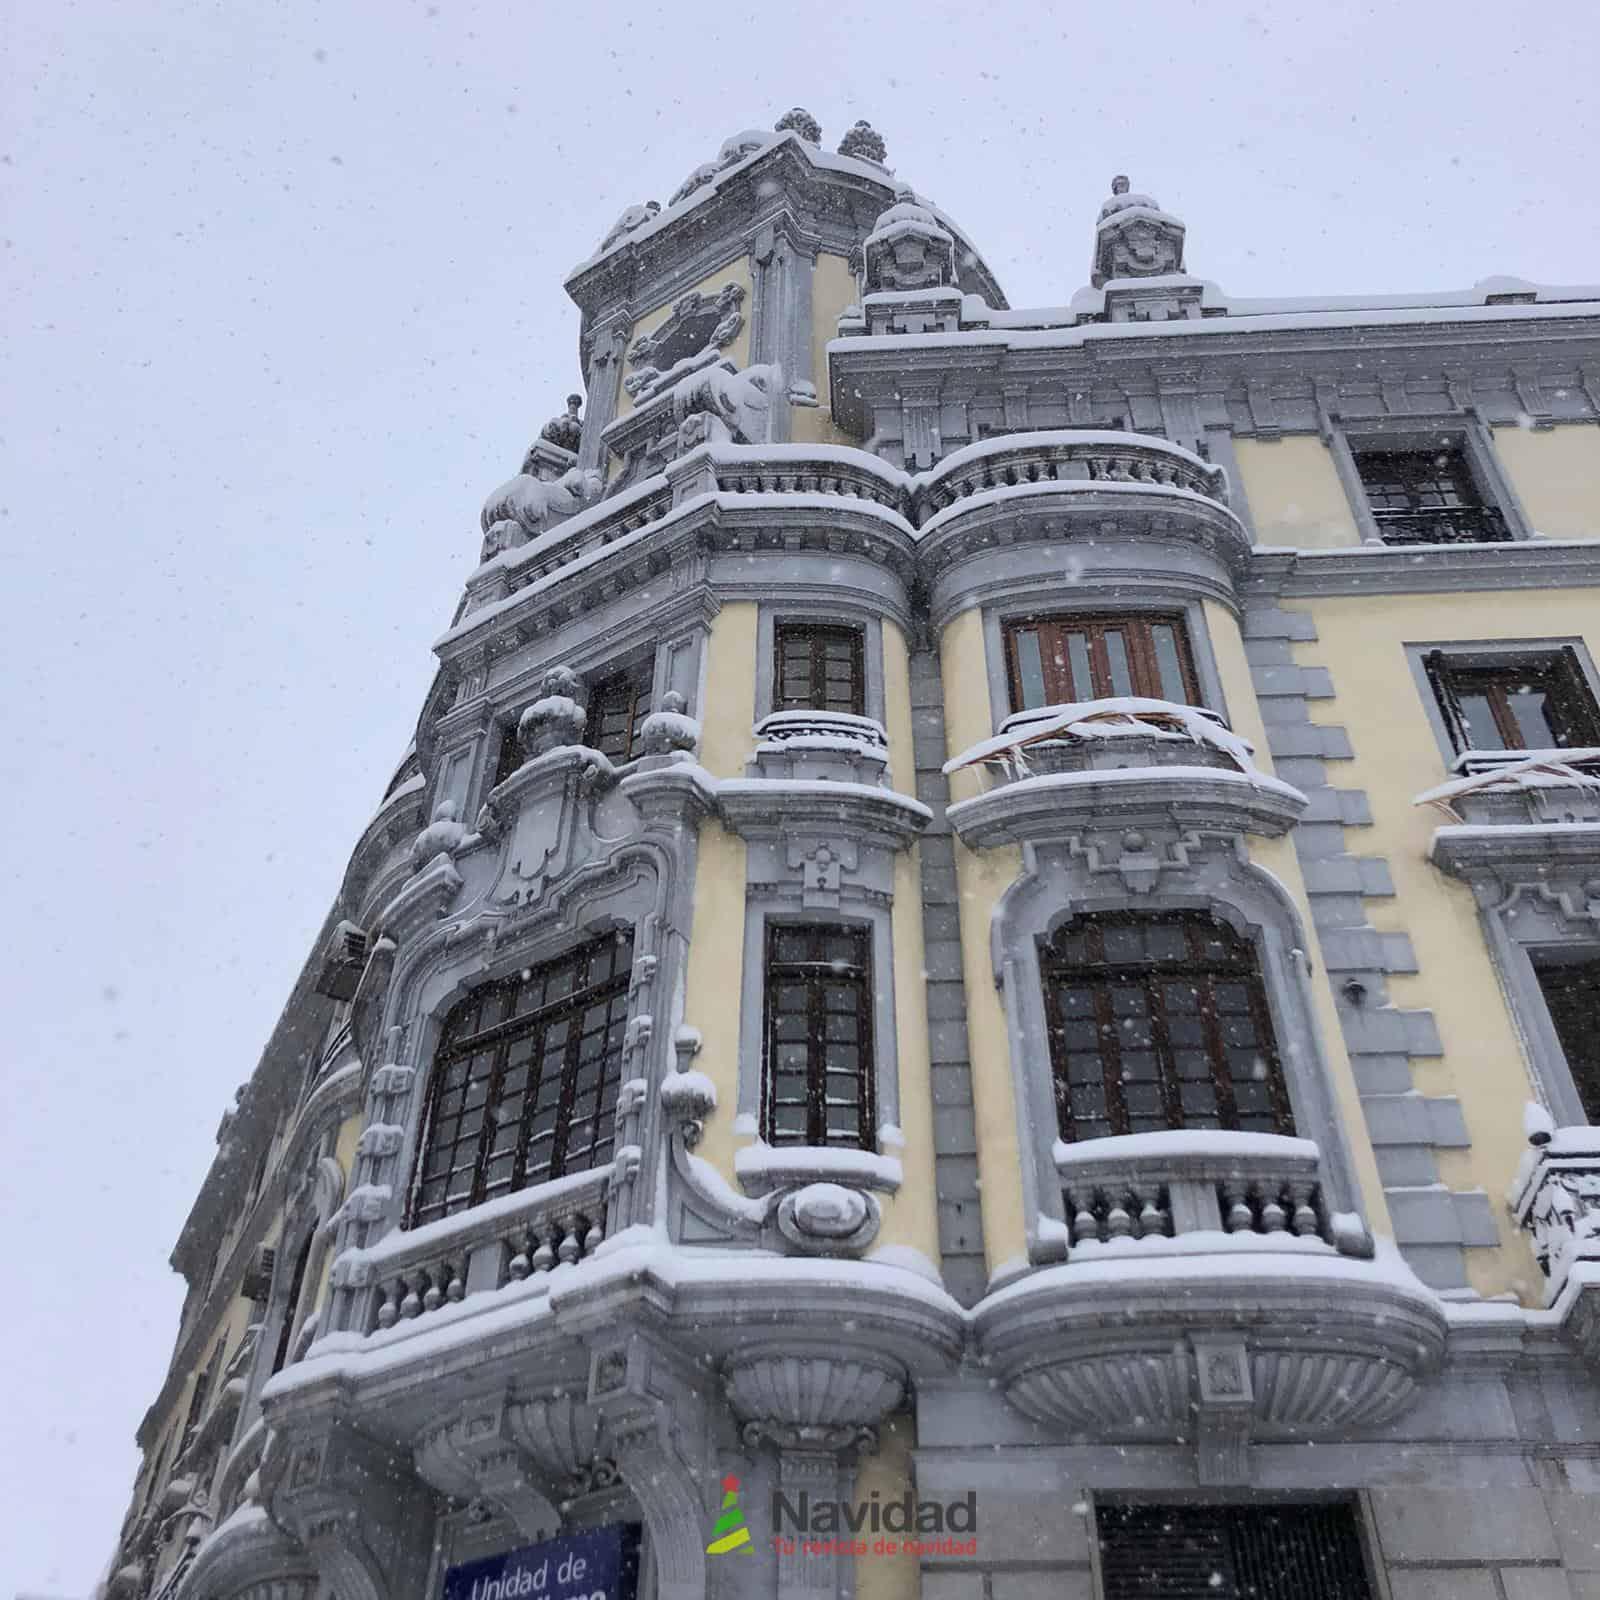 Fotografías de la nevada de enero en Madrid (España) 182